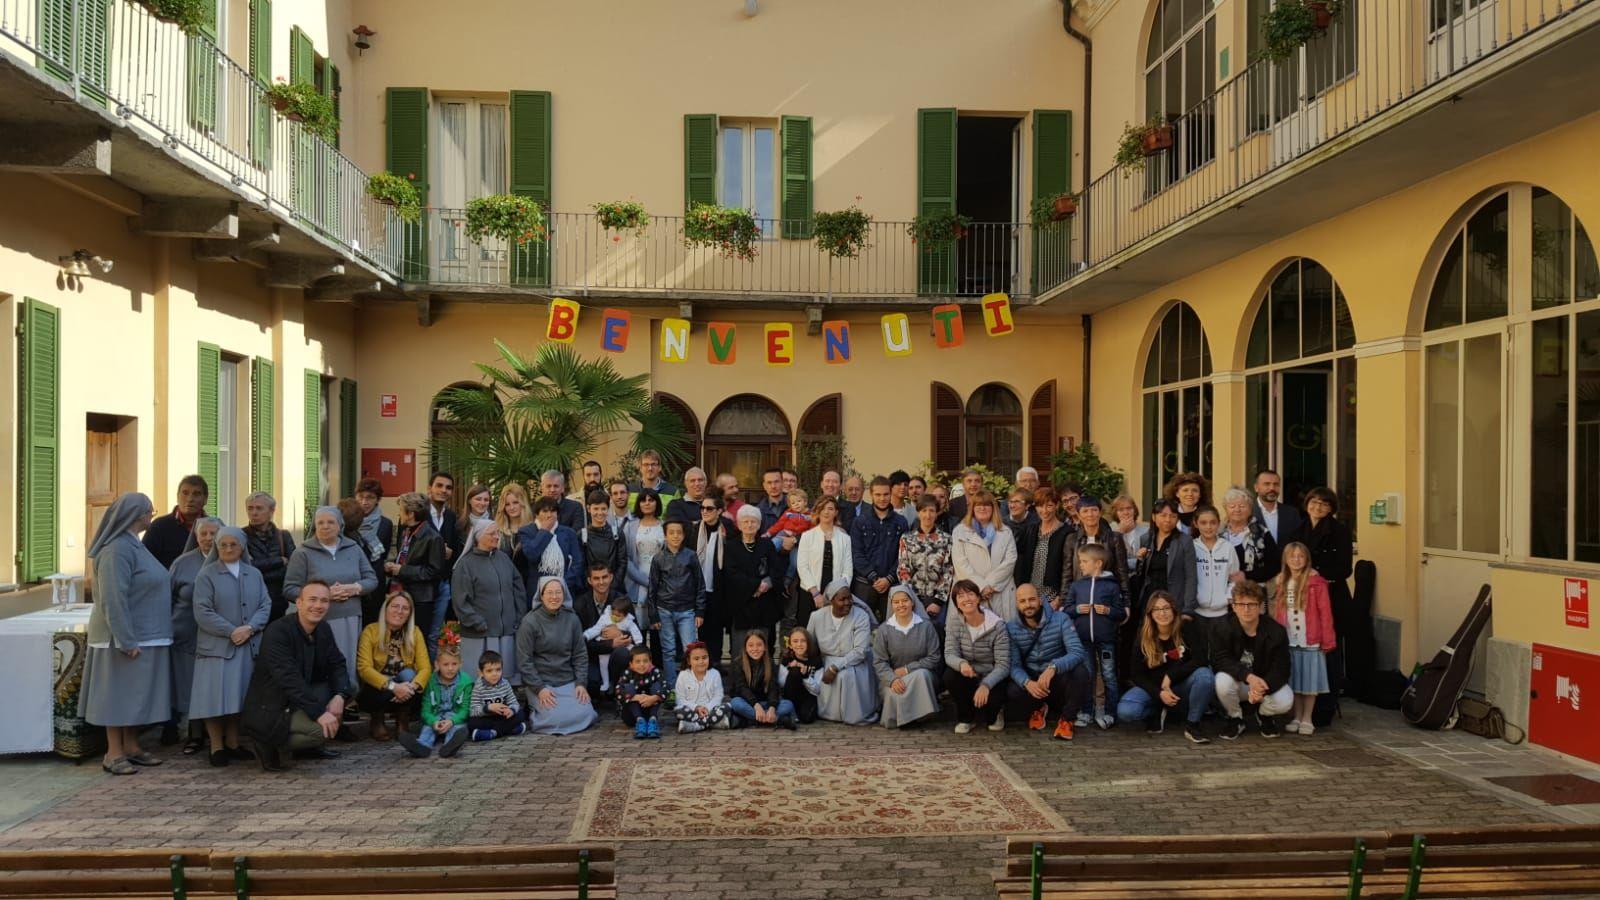 RIVAROLO - Gli ex allievi al primo raduno dell'Immacolata Concezione